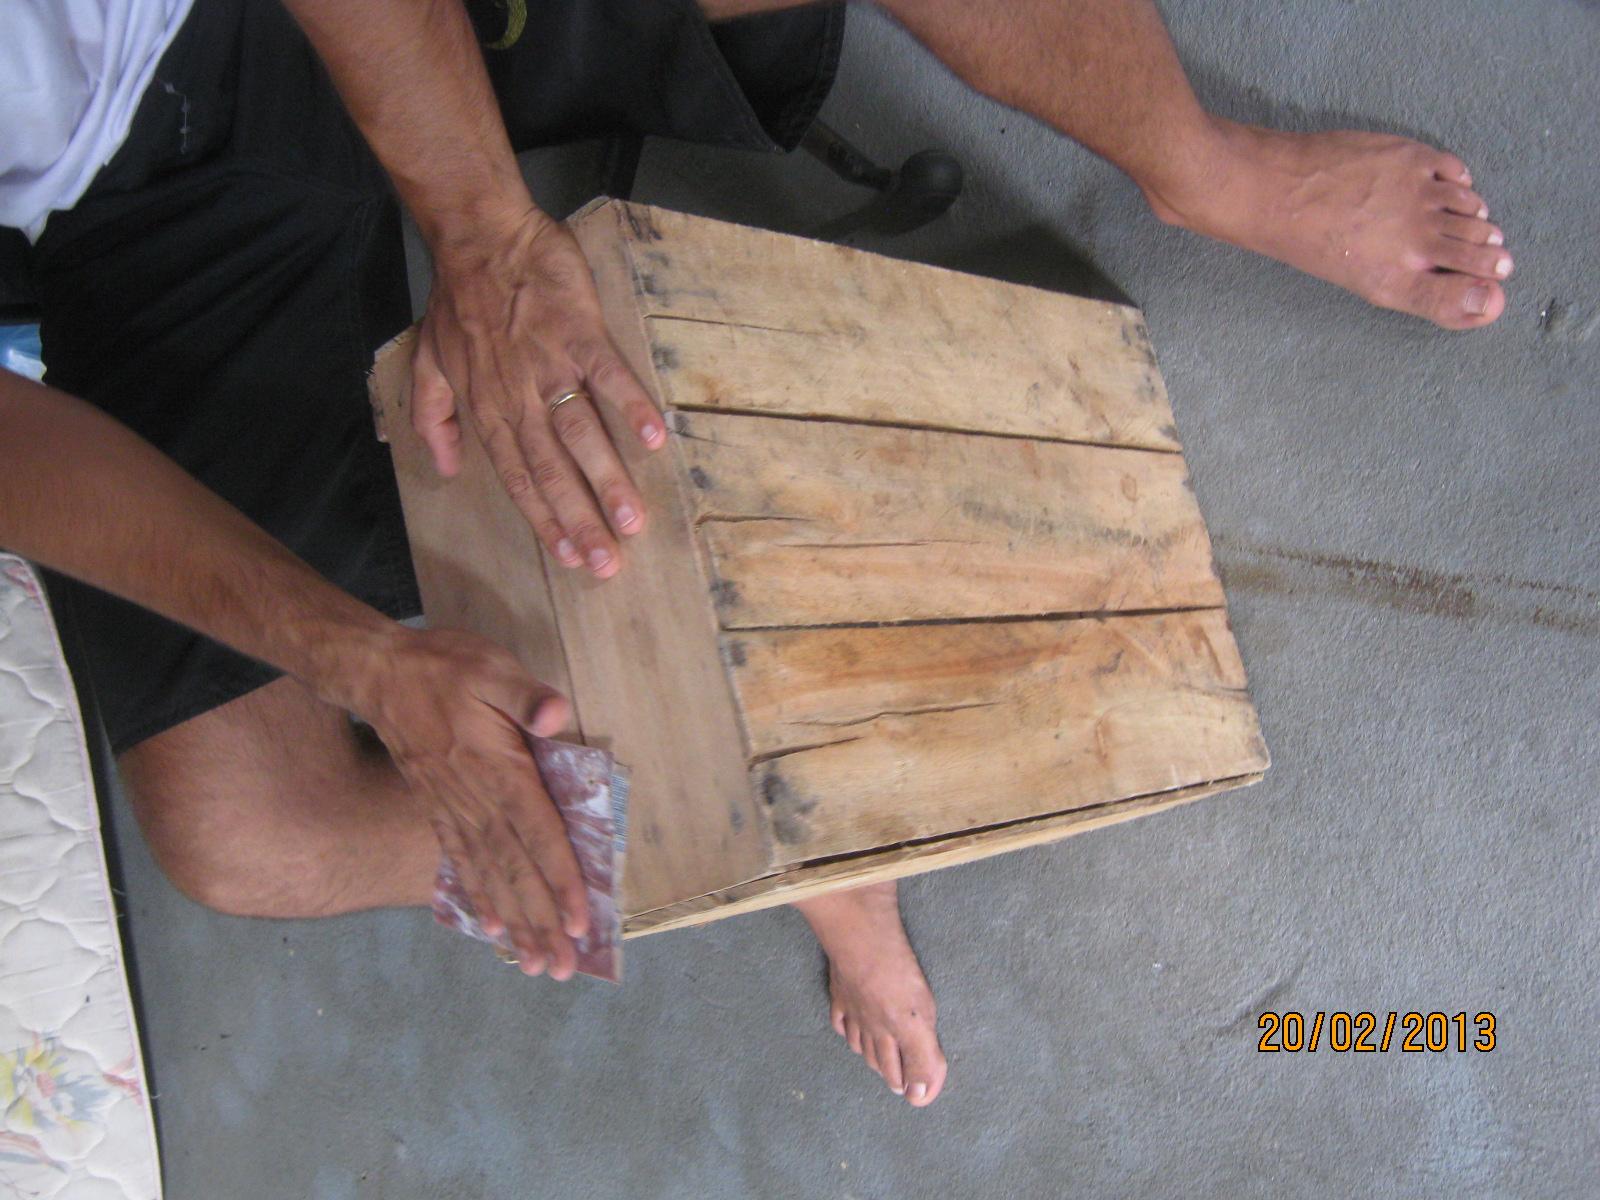 Criando ComCiência: FAÇA EM CASA: Estante de madeira #8A6341 1600x1200